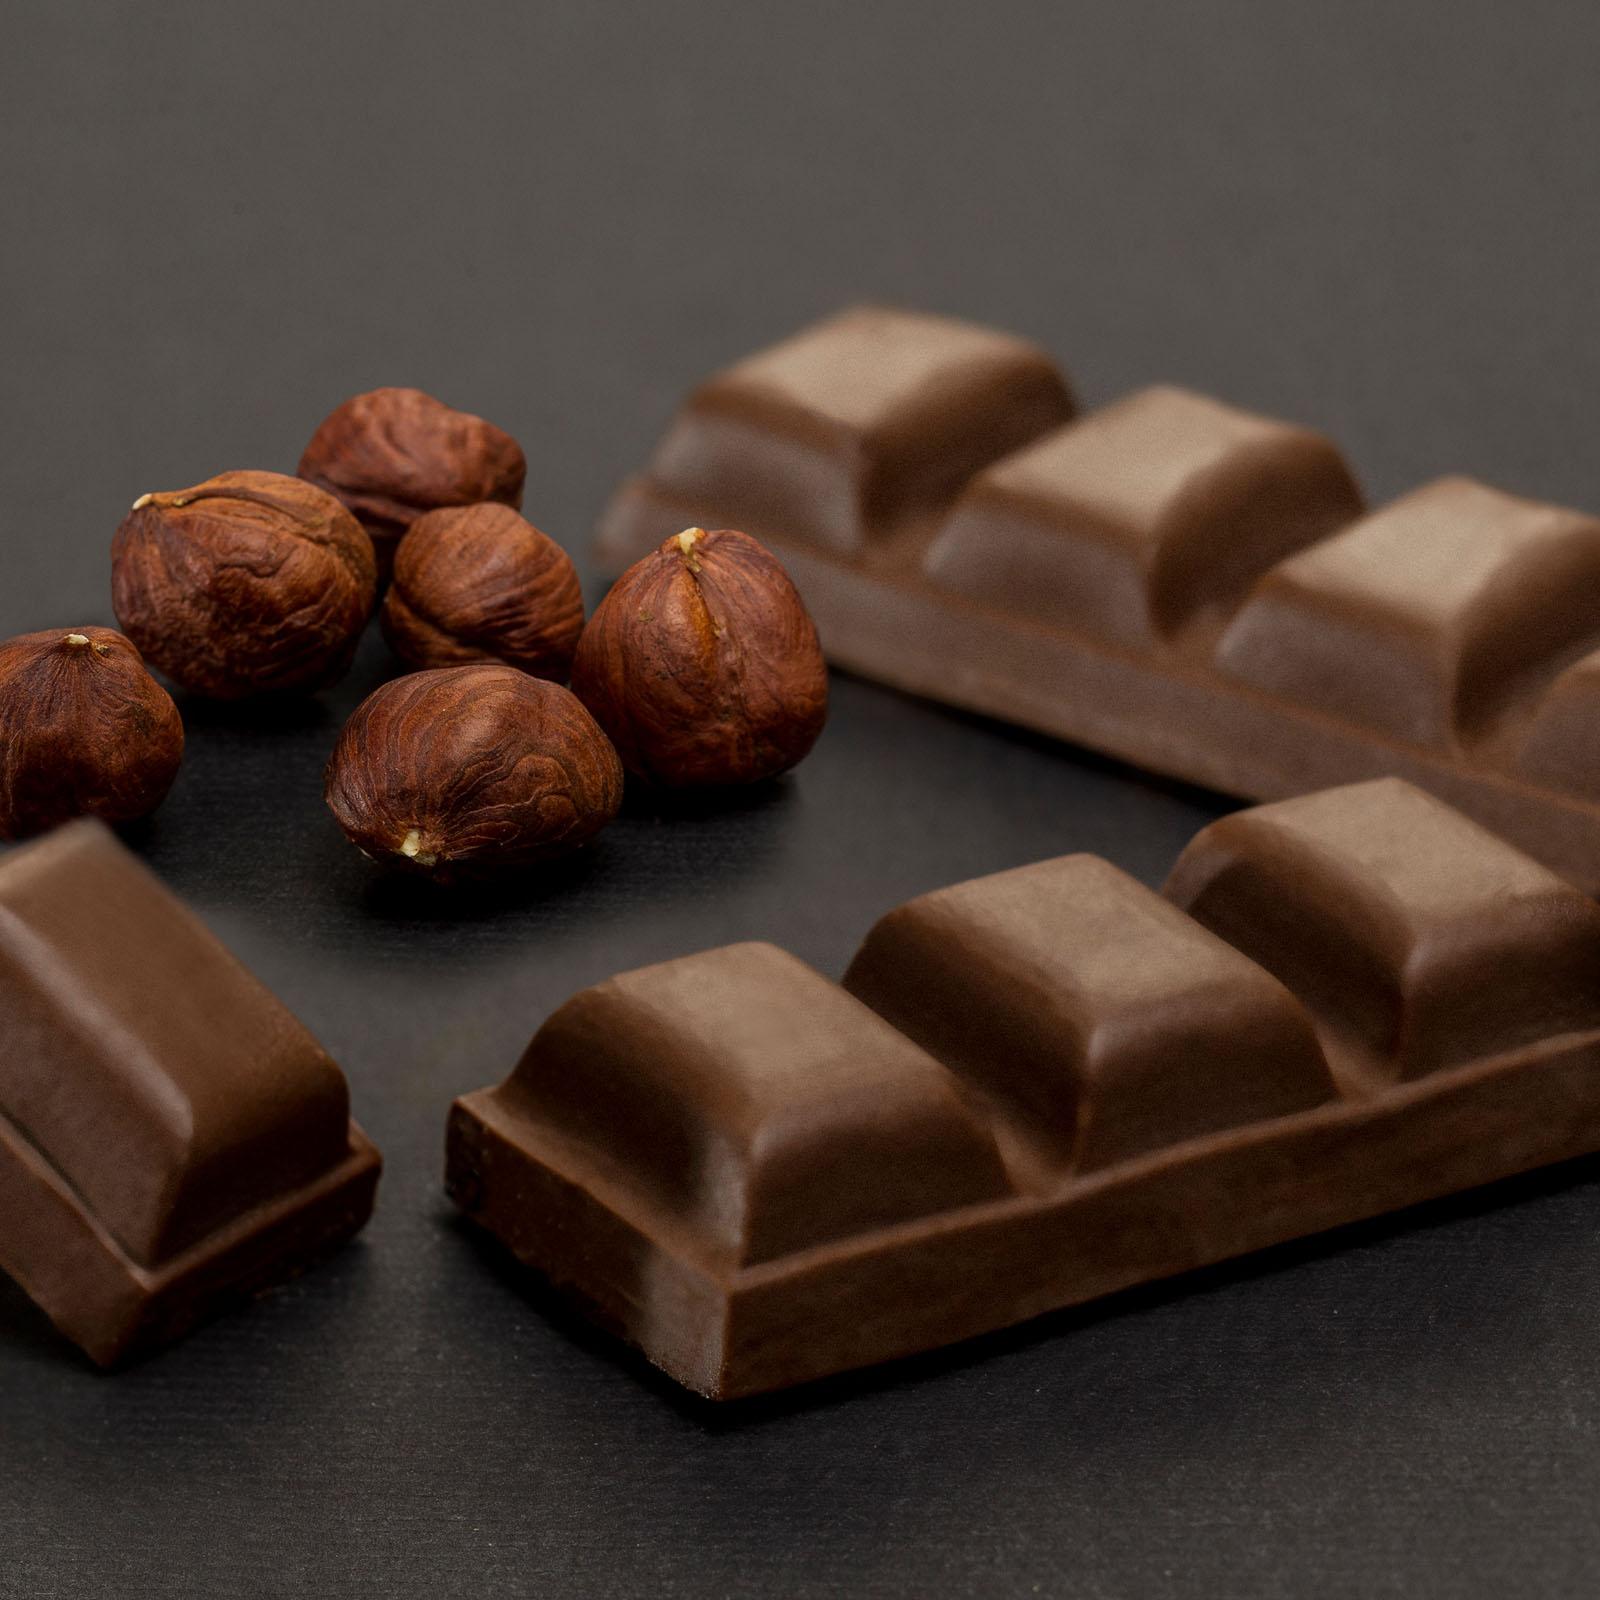 Toman Diet mogyorós csoki